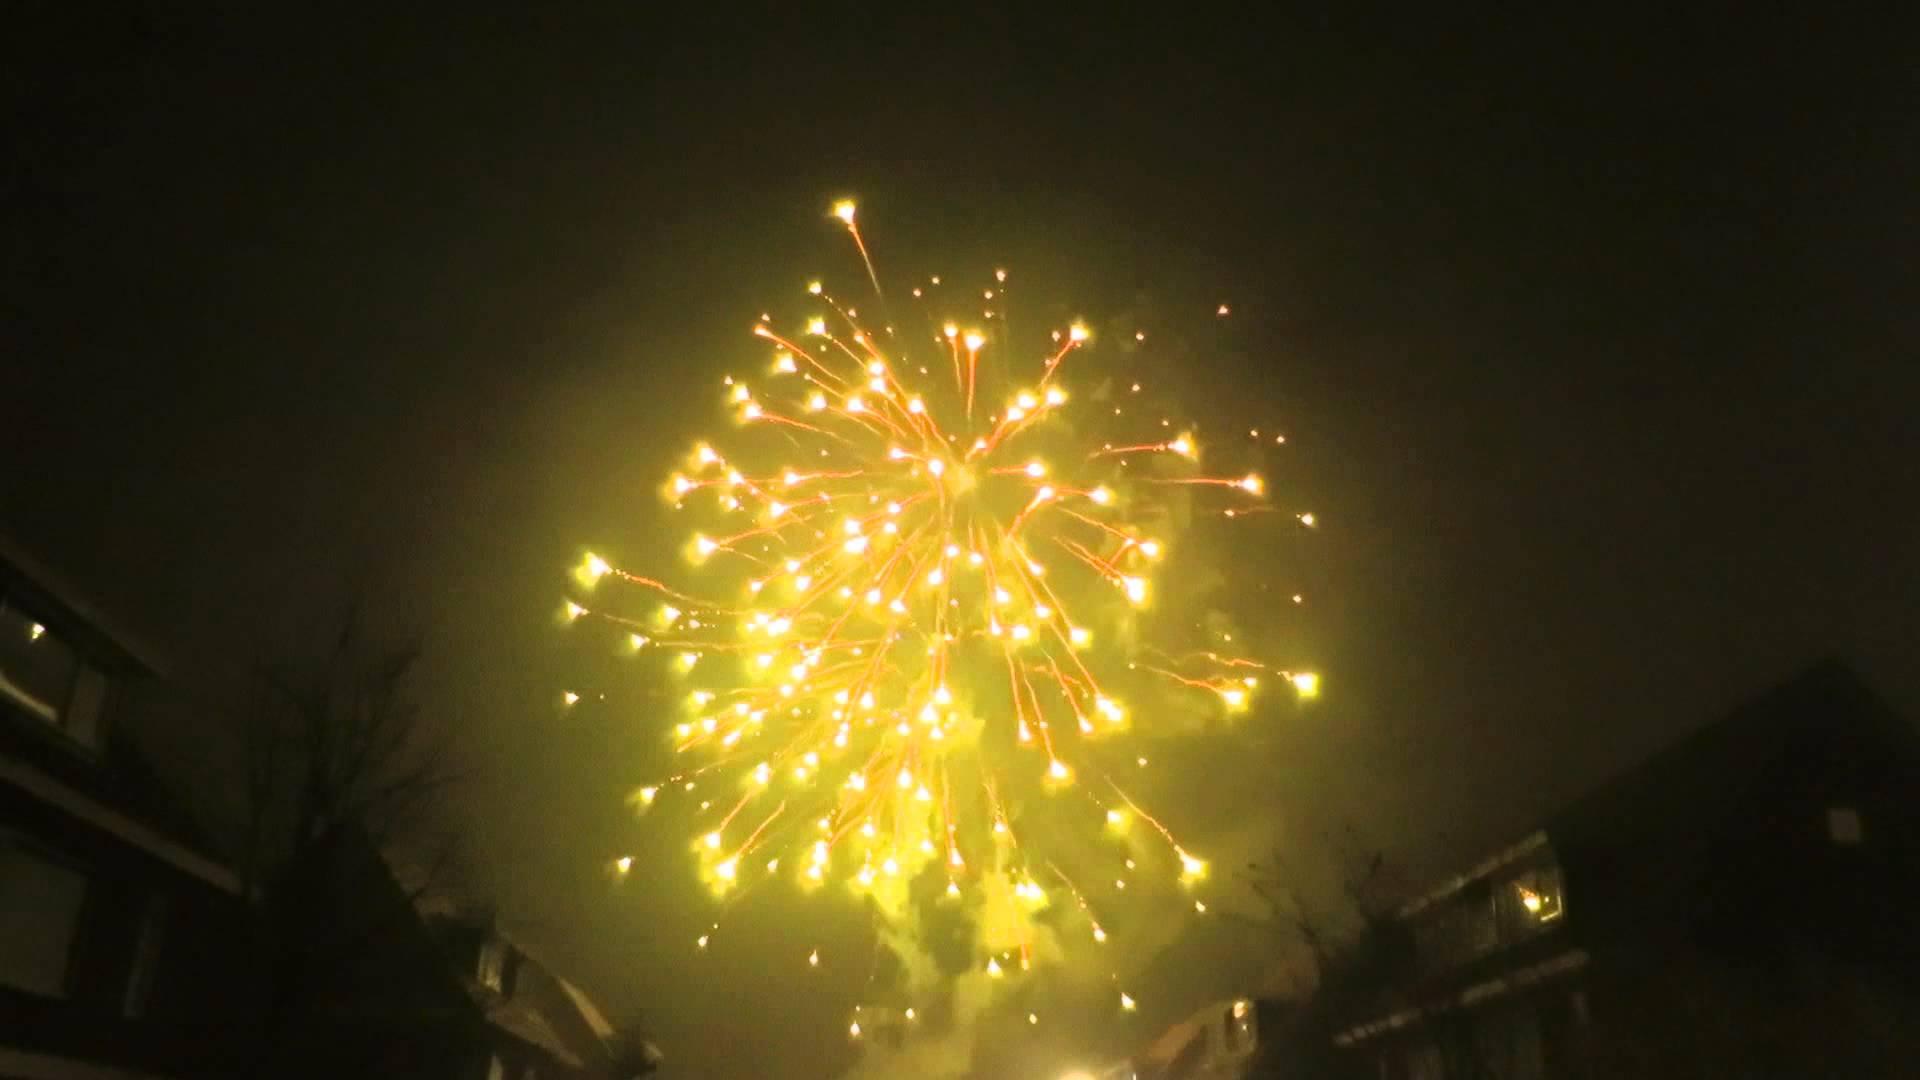 Vuurwerk Oud en Nieuw 2014 2015 in Groningen 1